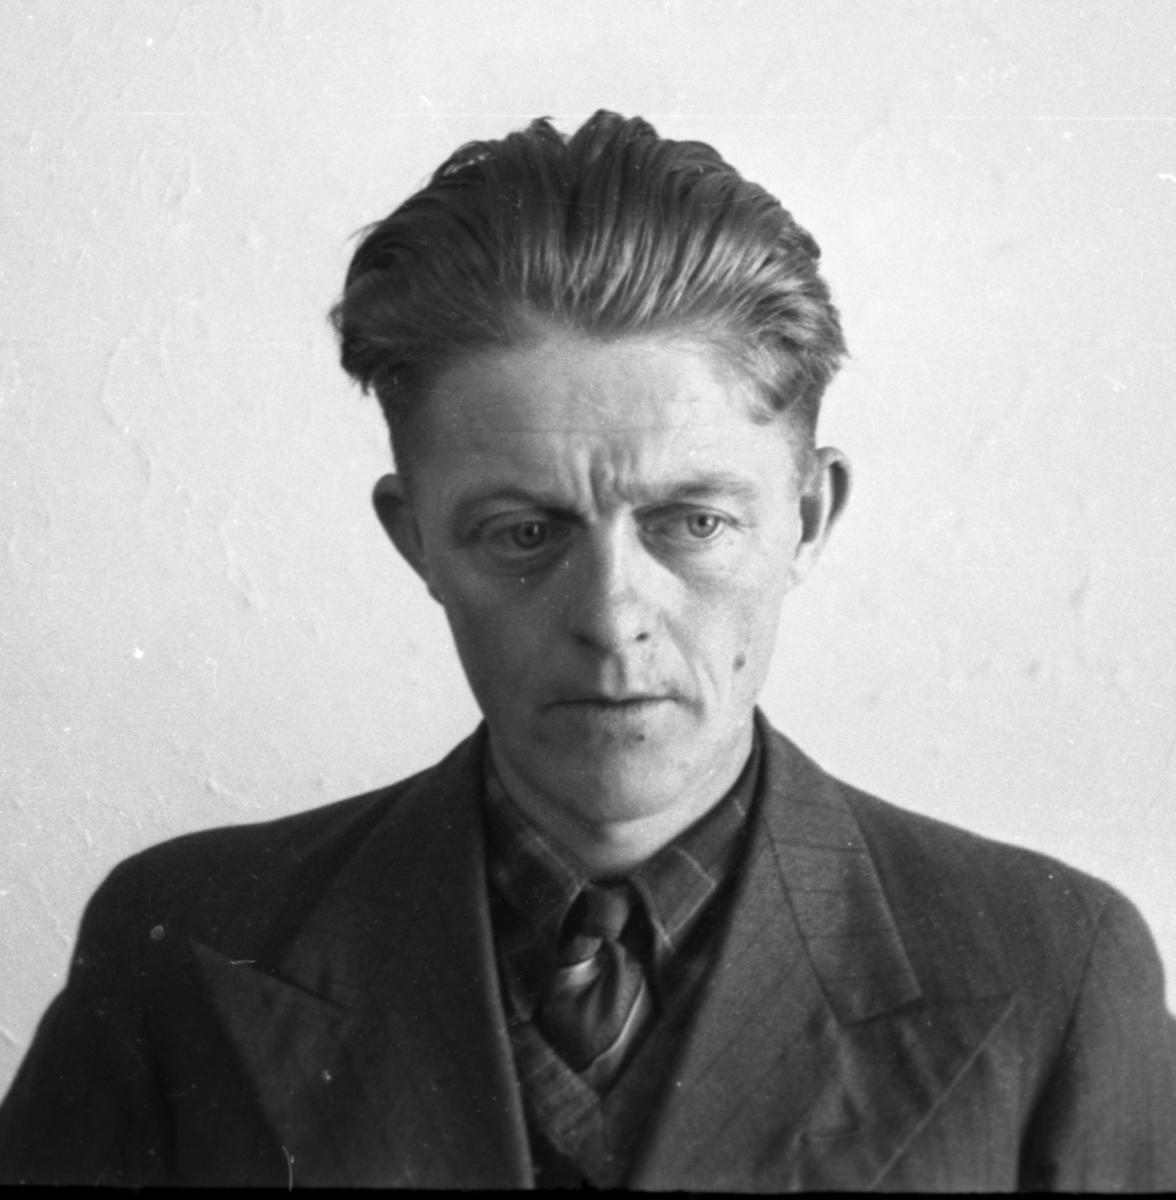 Passbilde av Olaf Brenn.